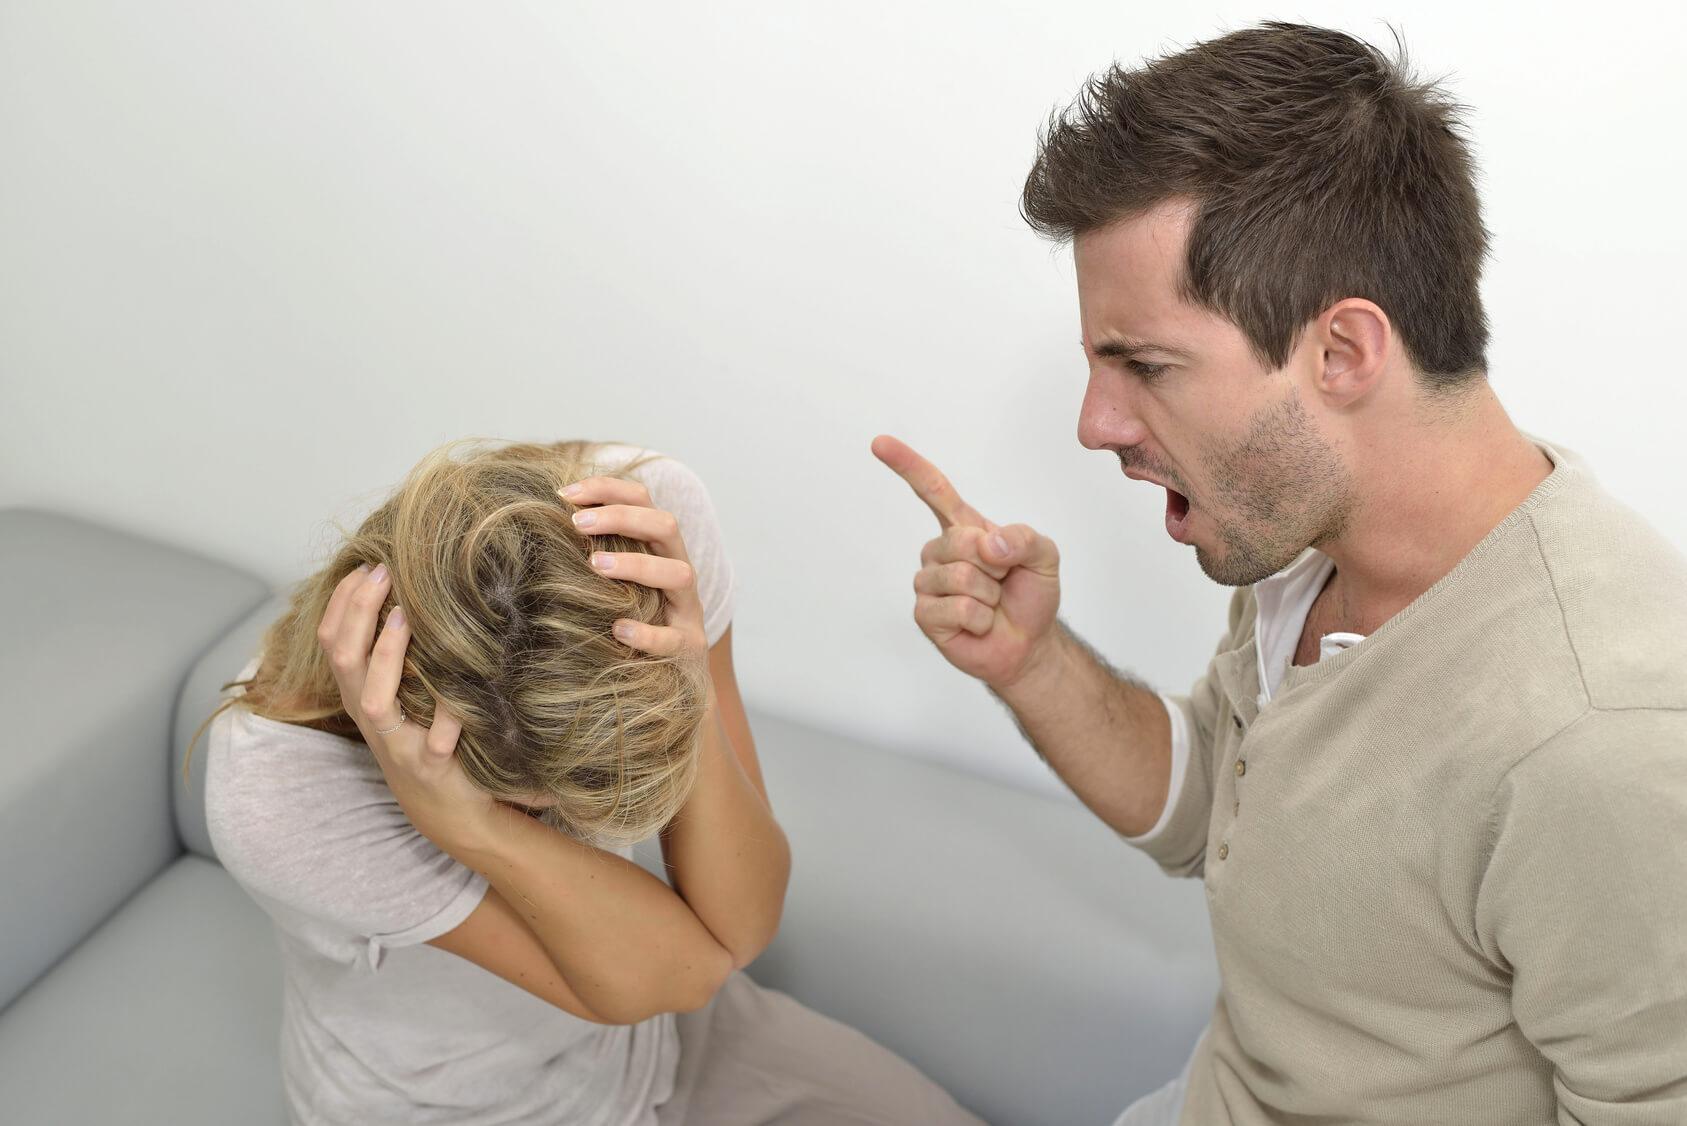 Дословно значение слов «абьюзер» такое: abuse – насилие, и abuser – человек, совершающий насилие, выходя за рамки допустимого. Он оскорбляет, унижает и издевается морально над близкими людьми.